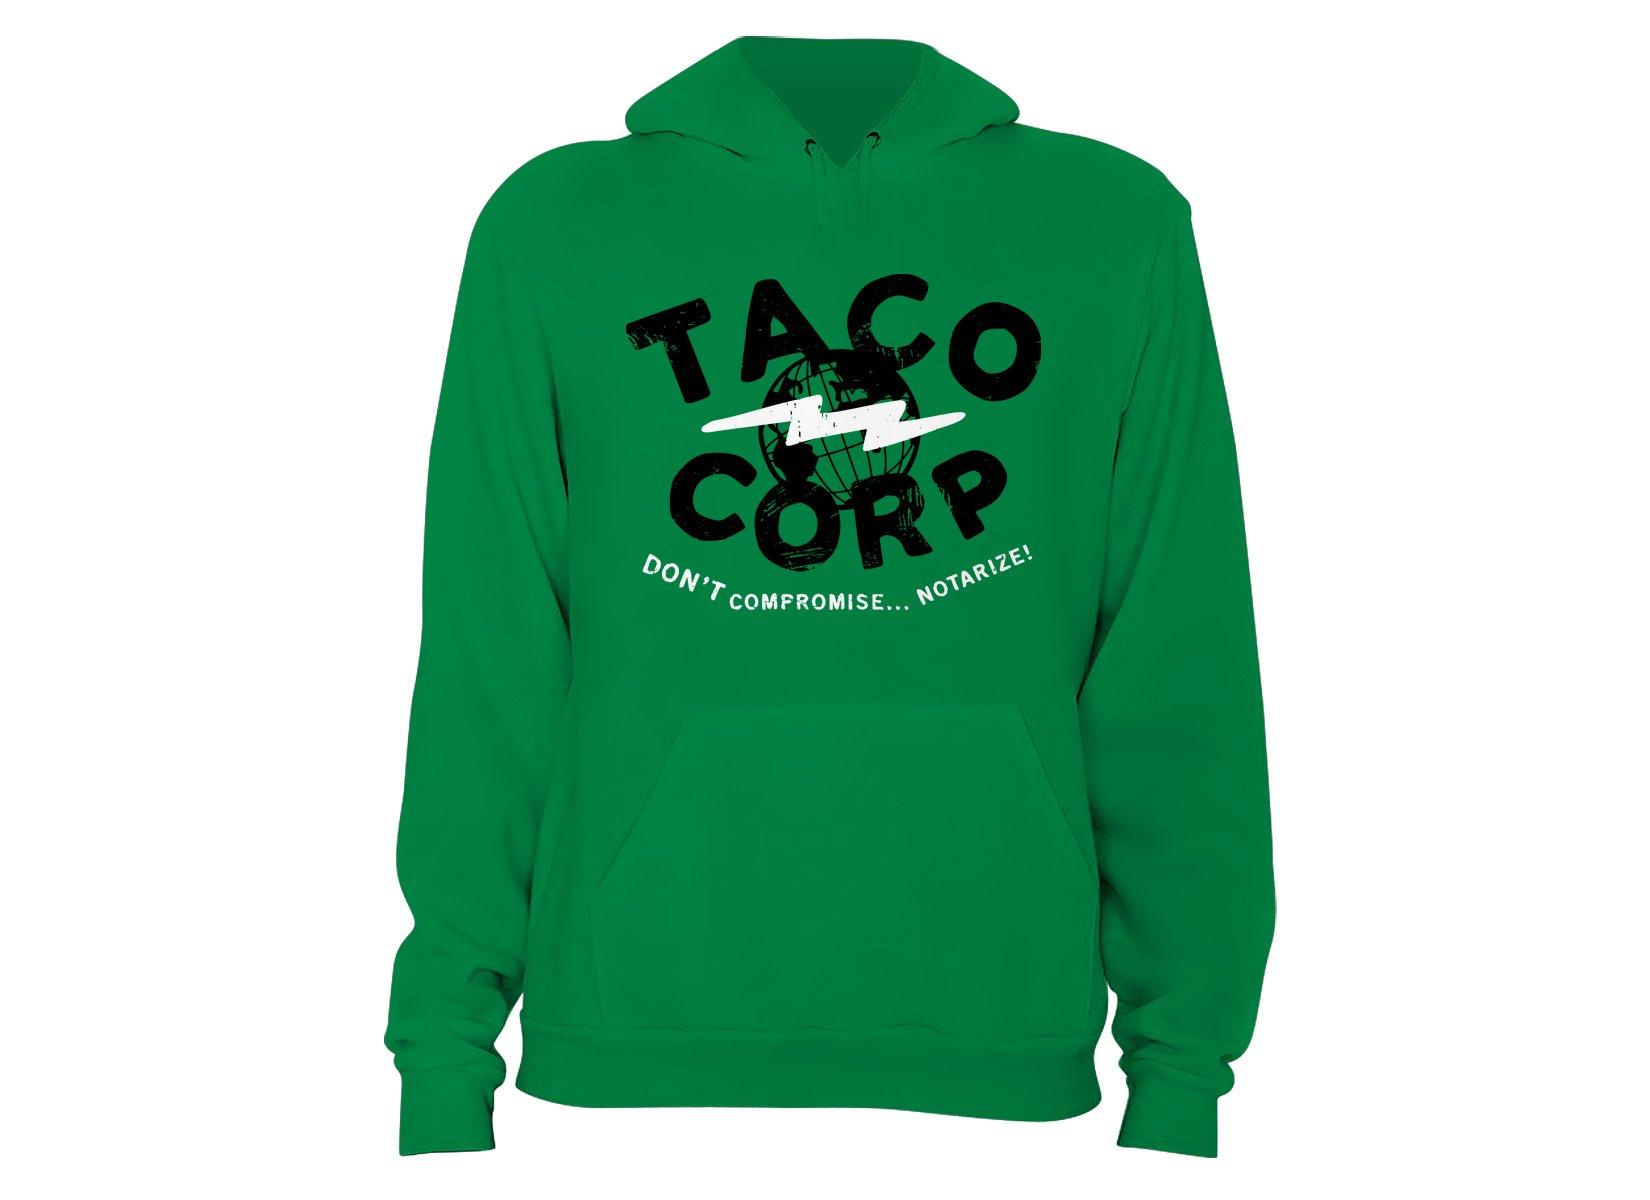 Taco Corp on Hoodie